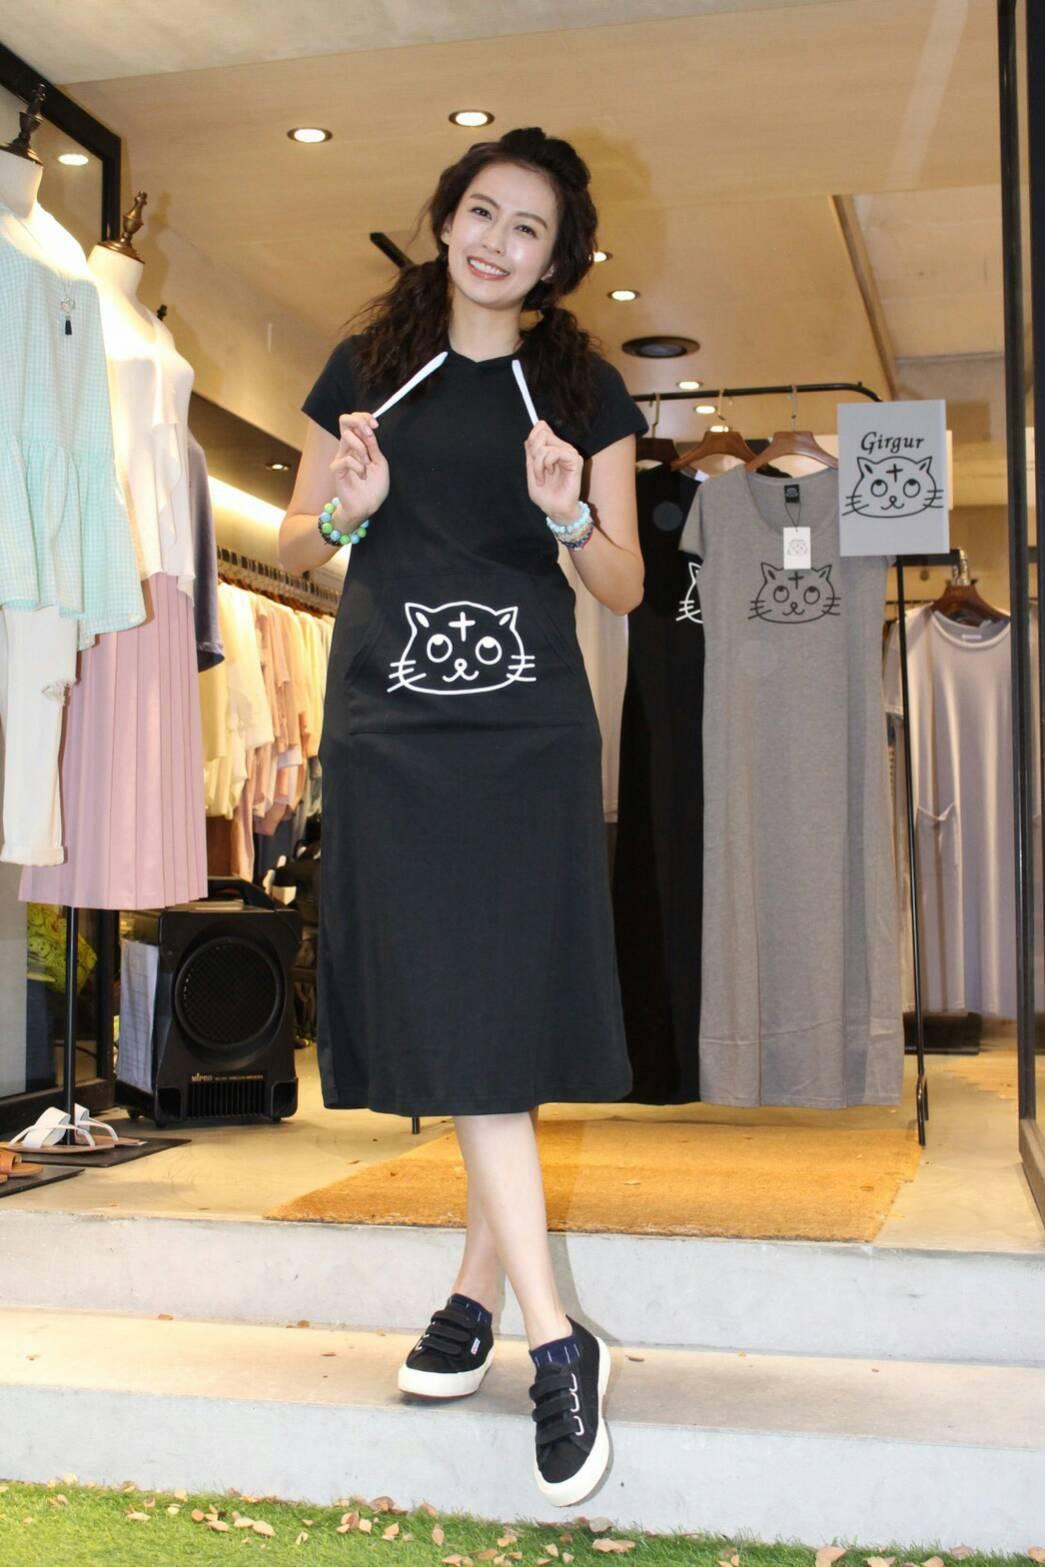 袁艾菲出席服裝品牌公益活動。圖/紅心字會提供